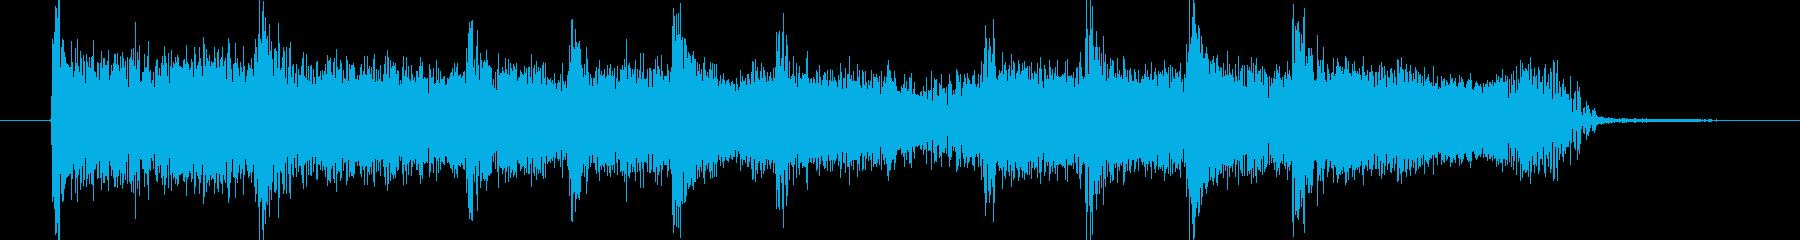 かっこいいフレーズのエレキギタージングルの再生済みの波形